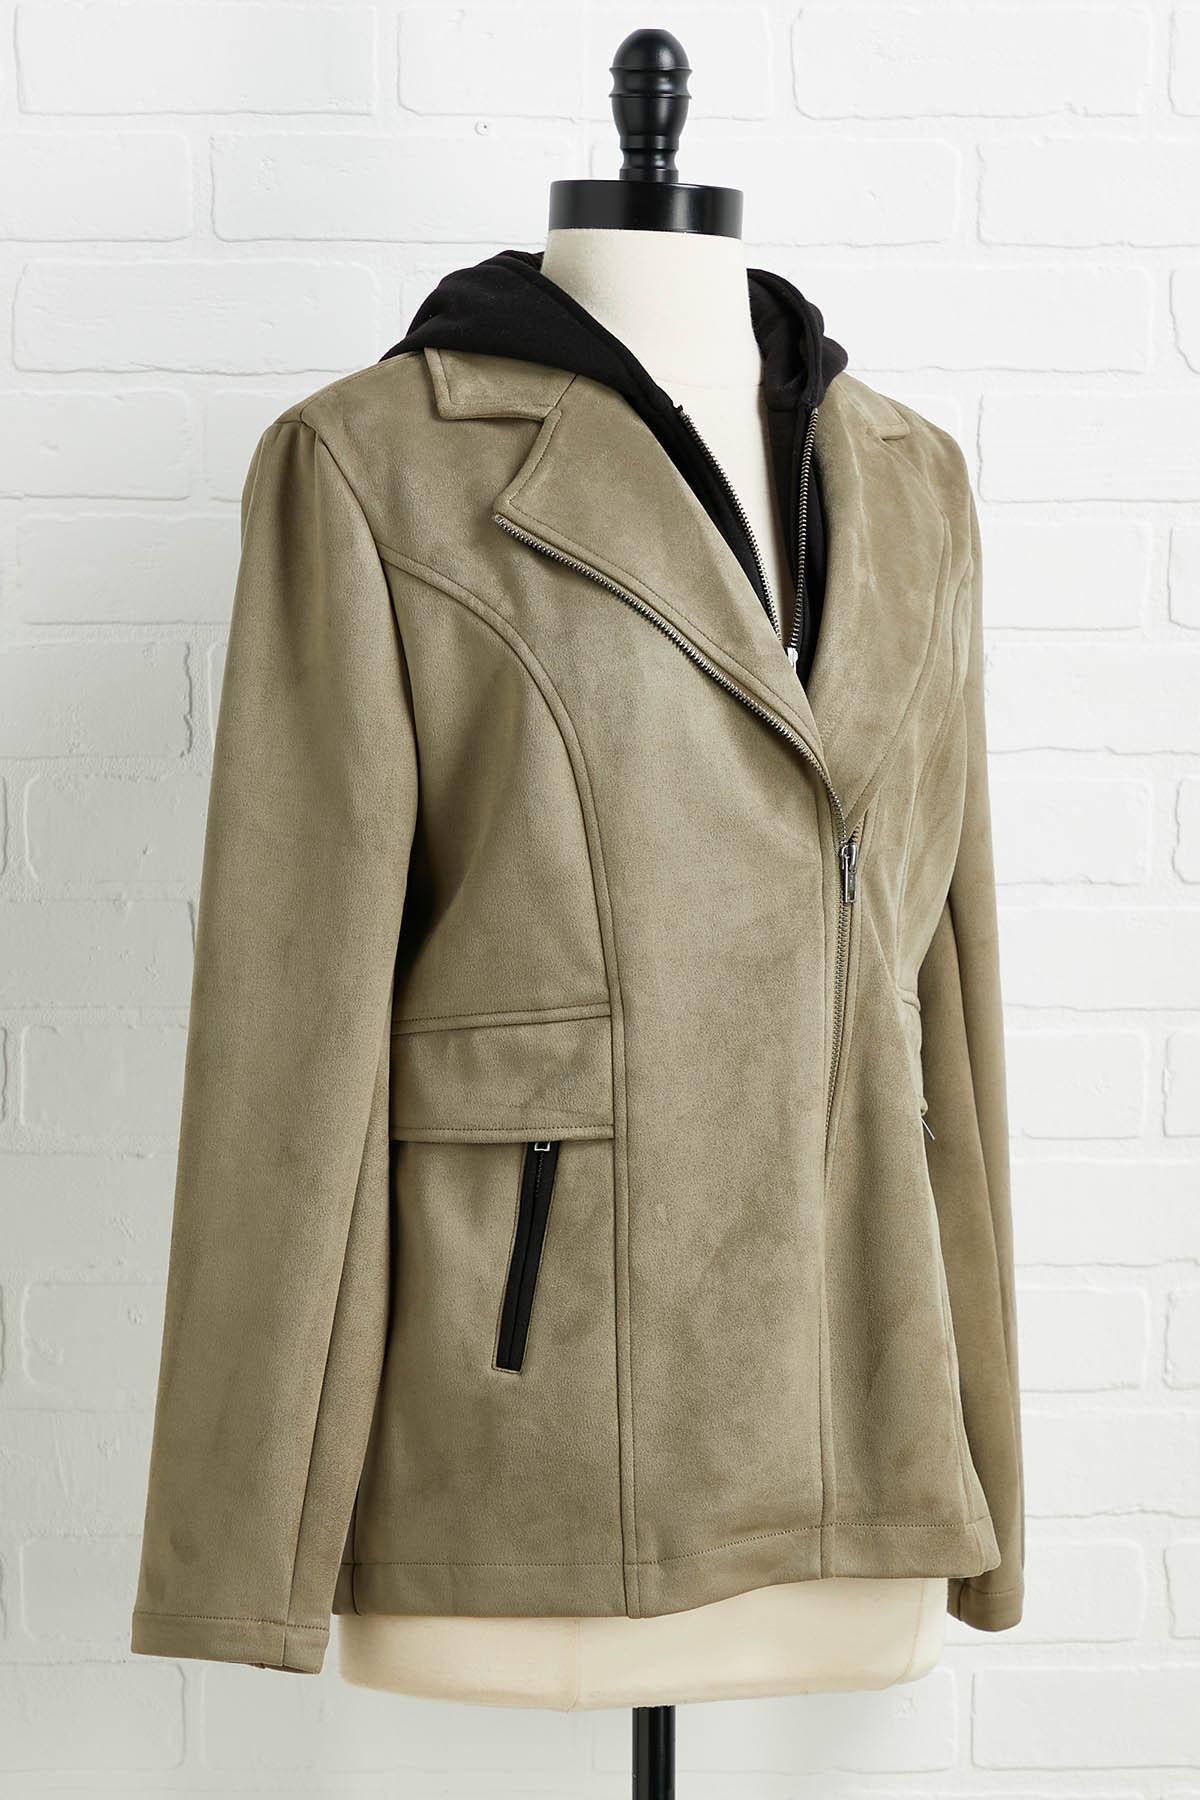 Twofer One Jacket